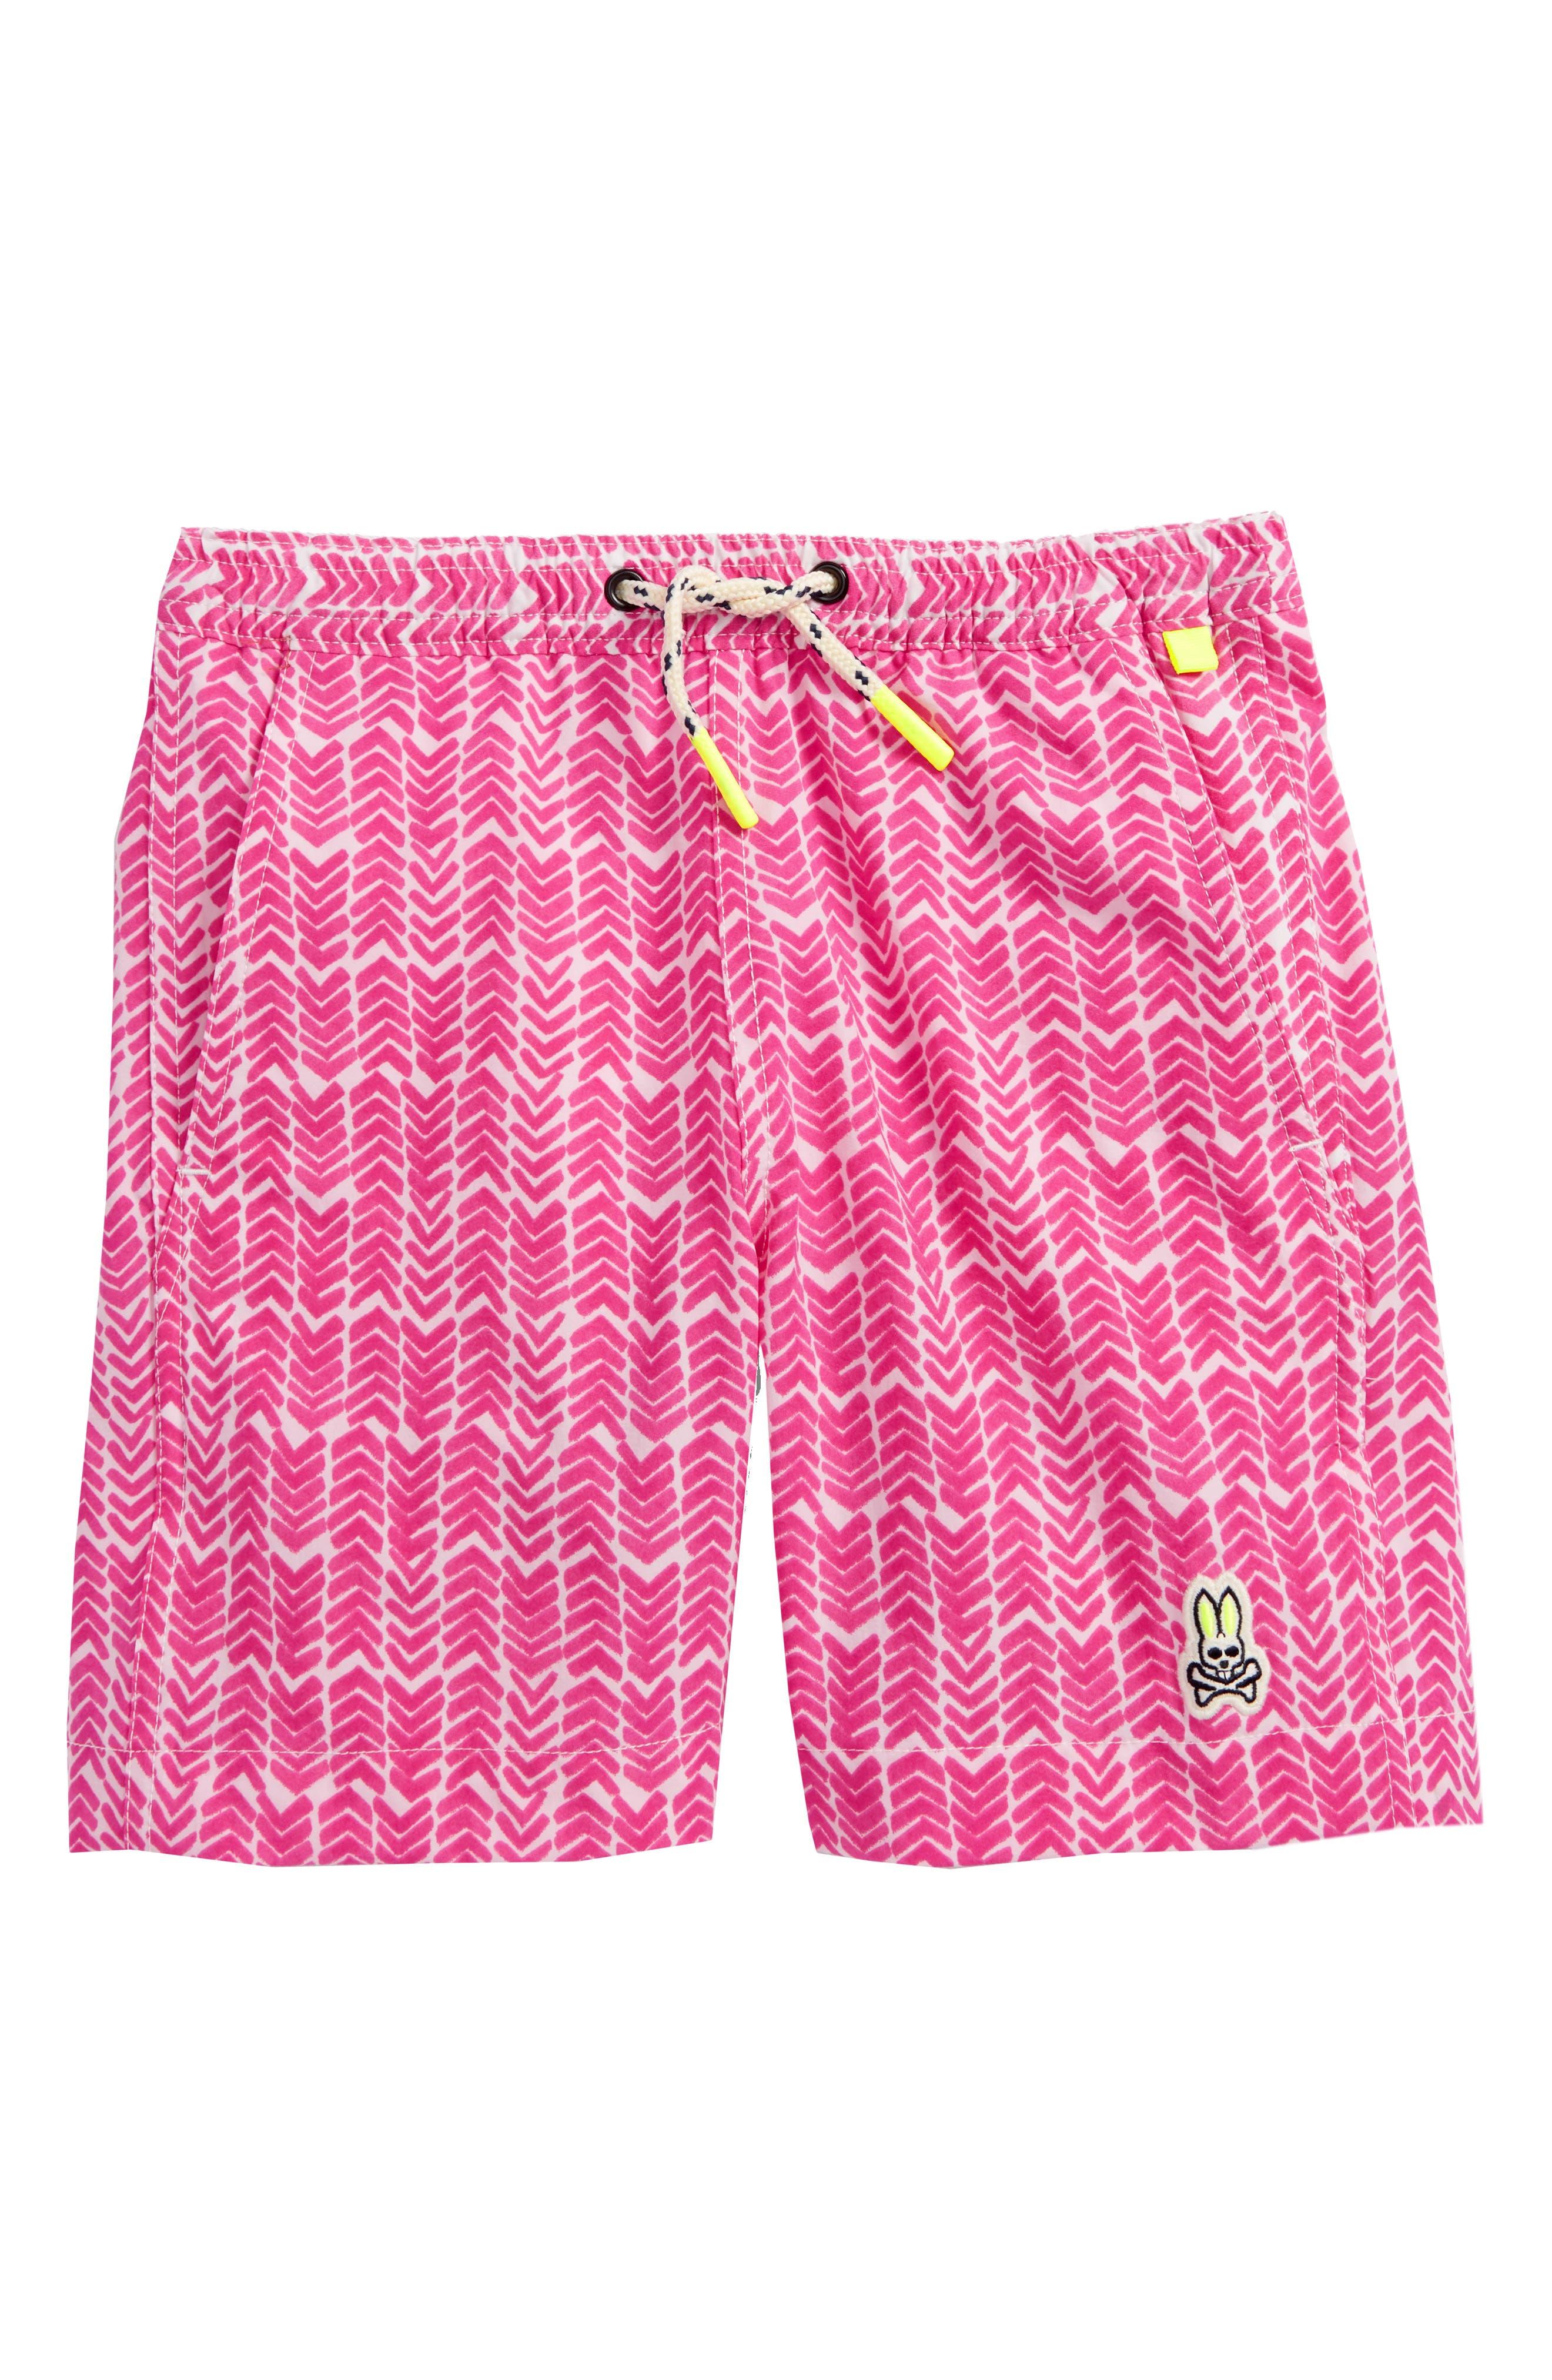 Watermark Herringbone Swim Trunks,                         Main,                         color,